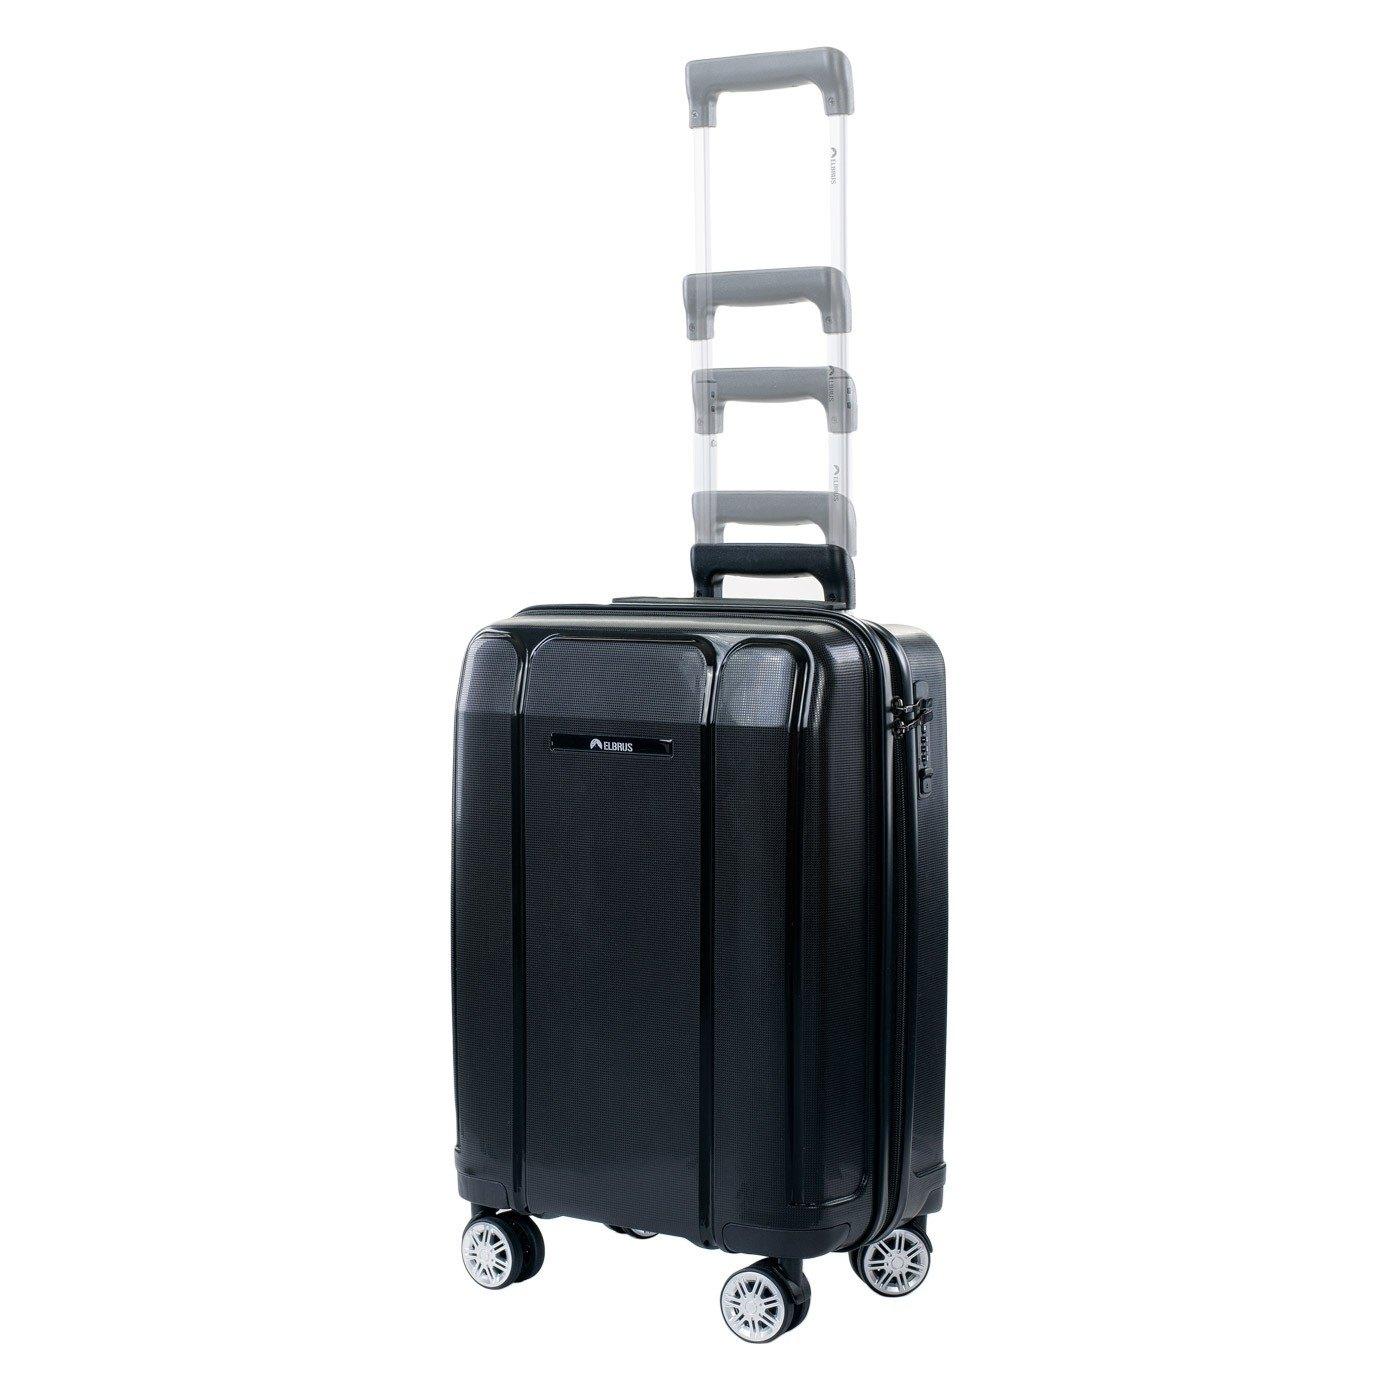 7ef22ae9493d4 uchwyt walizki Bielsko-Biała w Oficjalnym Archiwum Allegro - archiwum ofert